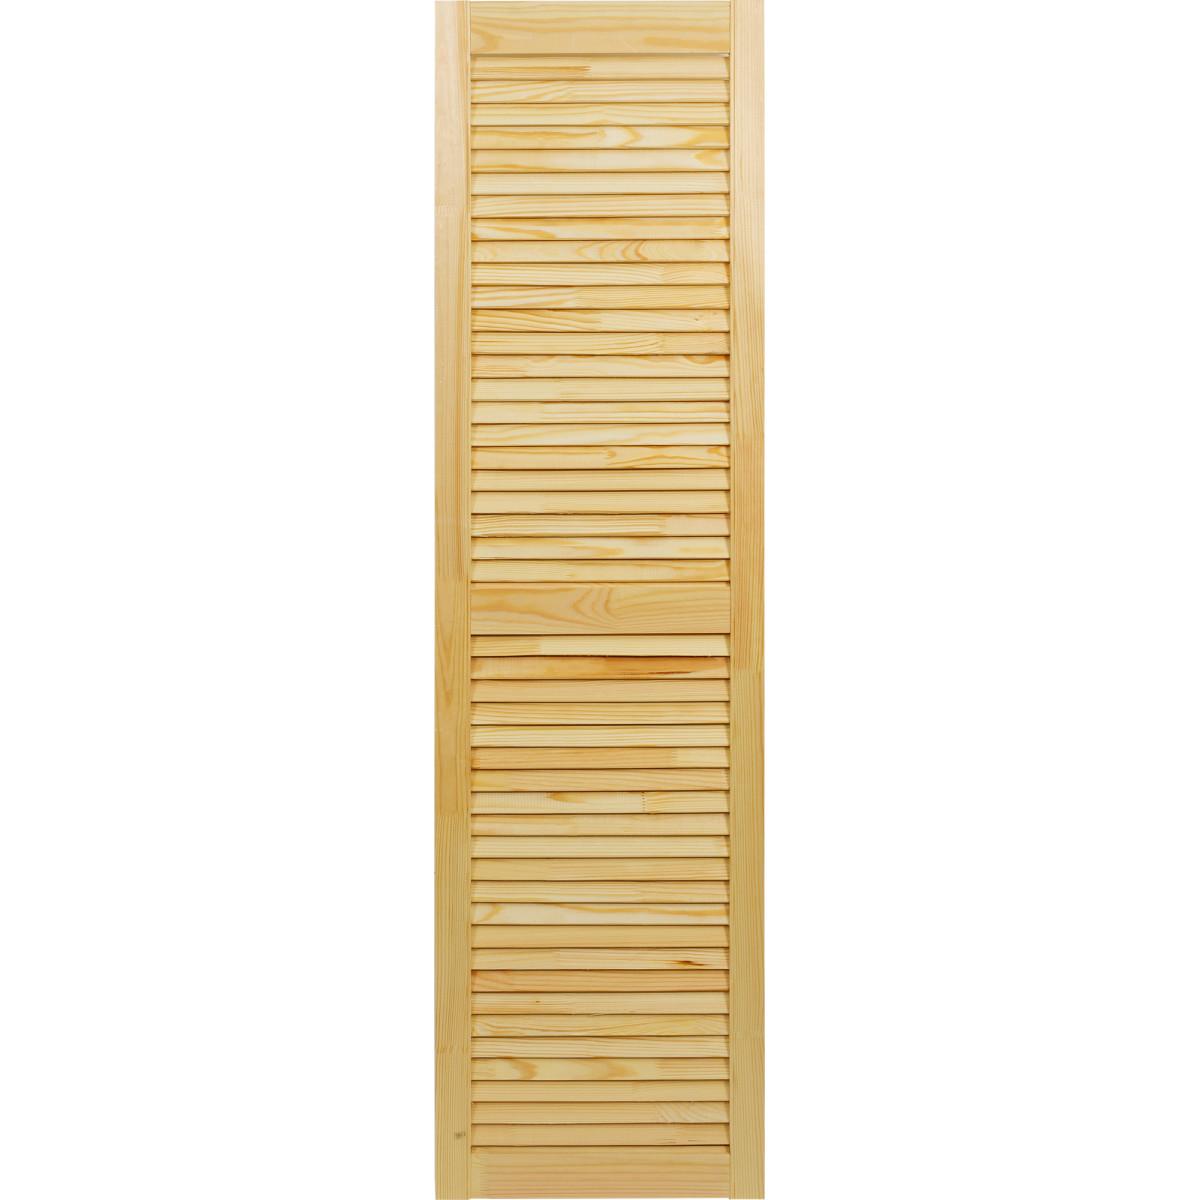 Дверка жалюзийная 1505х394х20 мм хвоя сорт А